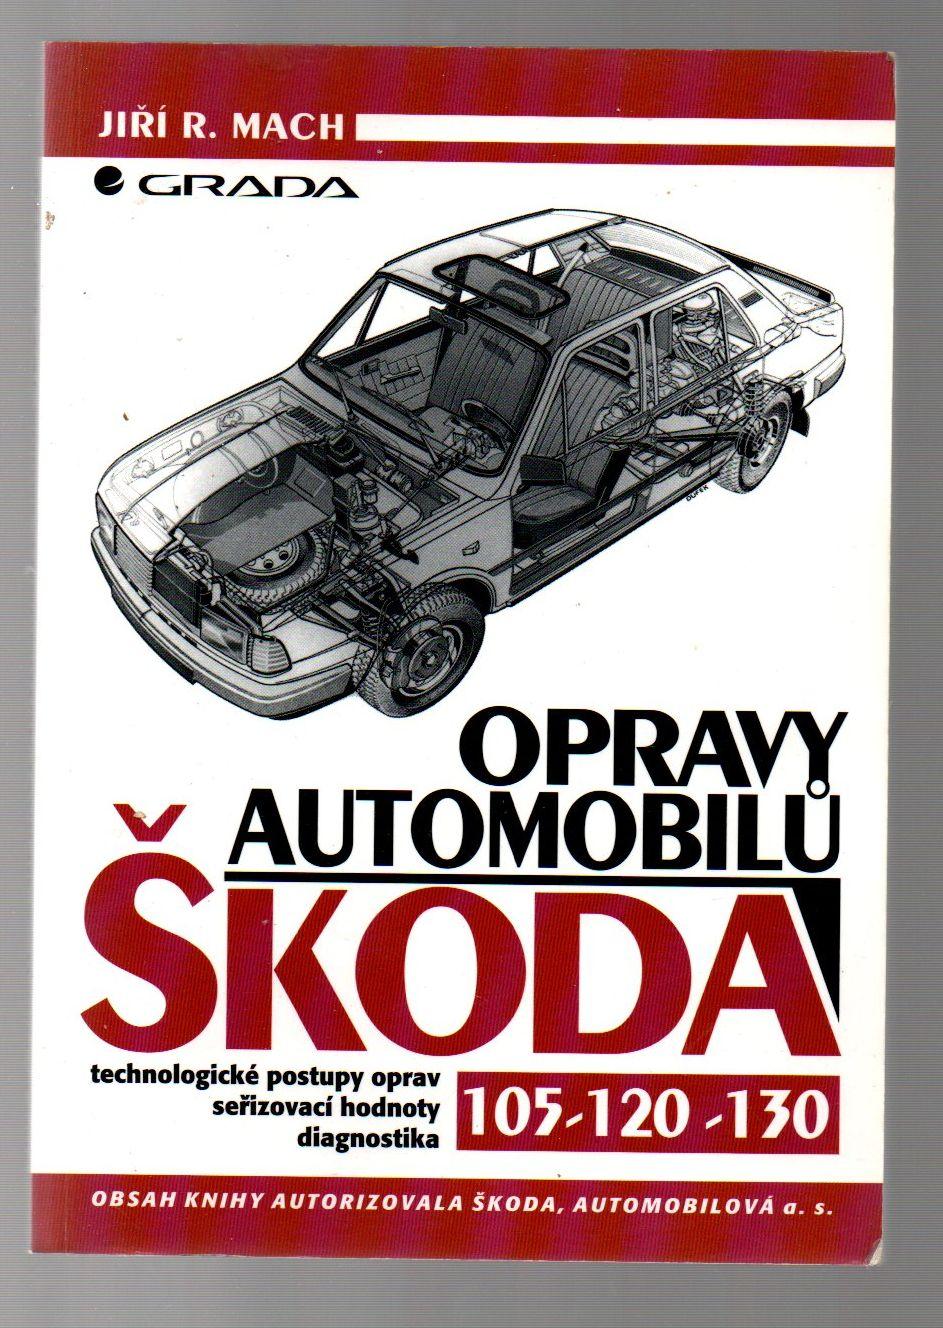 Opravy automobilů Škoda 105 - 120 - 130 - Jiří R. Mach